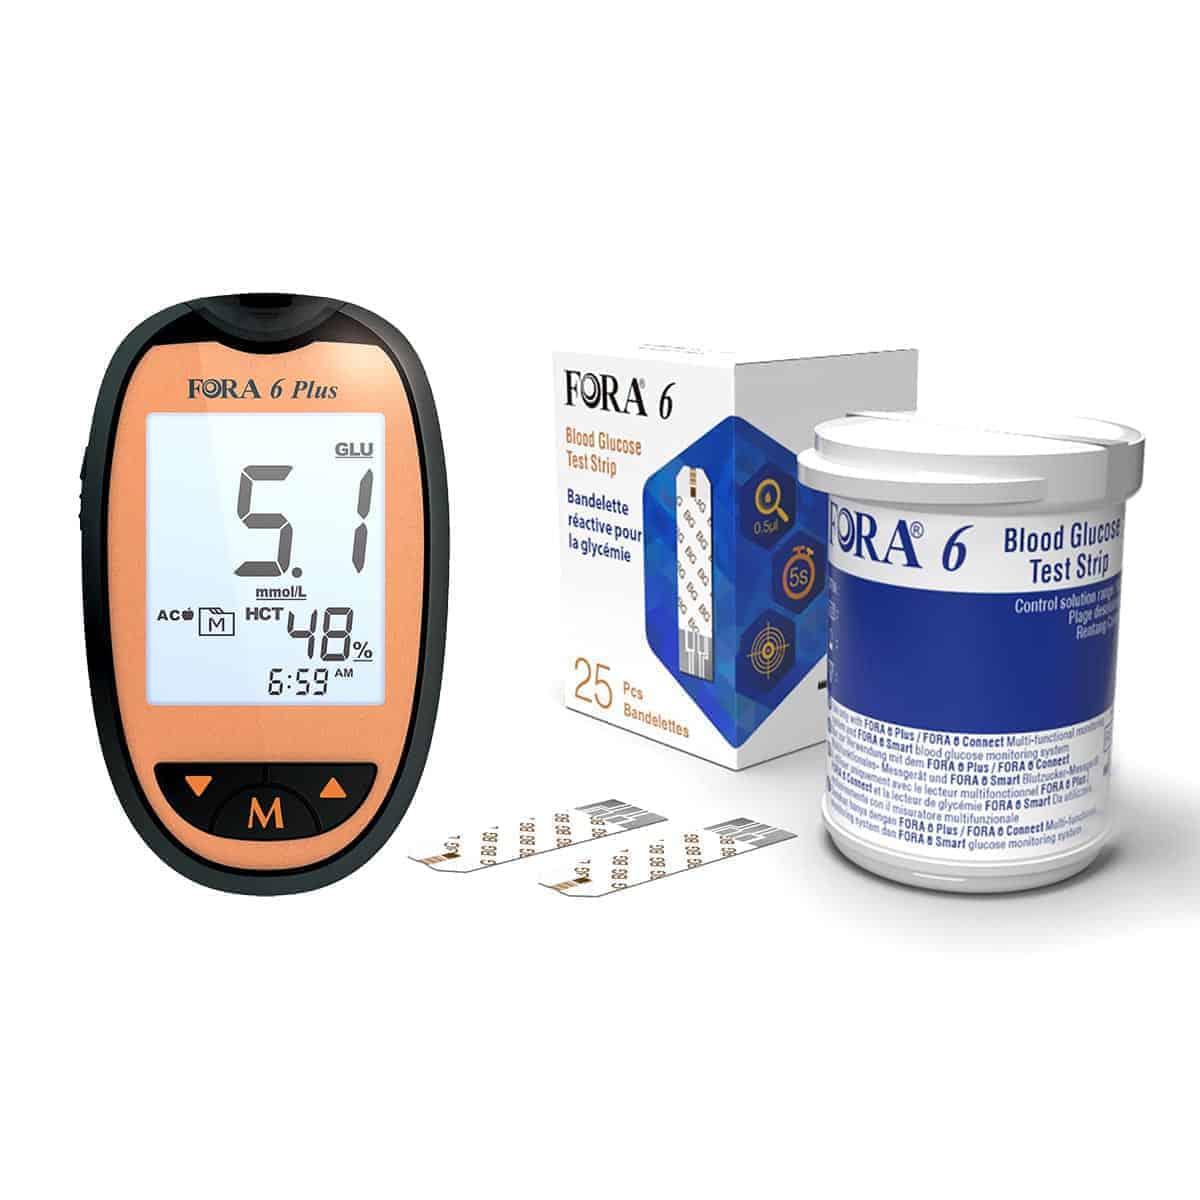 FORA 6 Plus Blood Glucose Monitoring Starter Pack